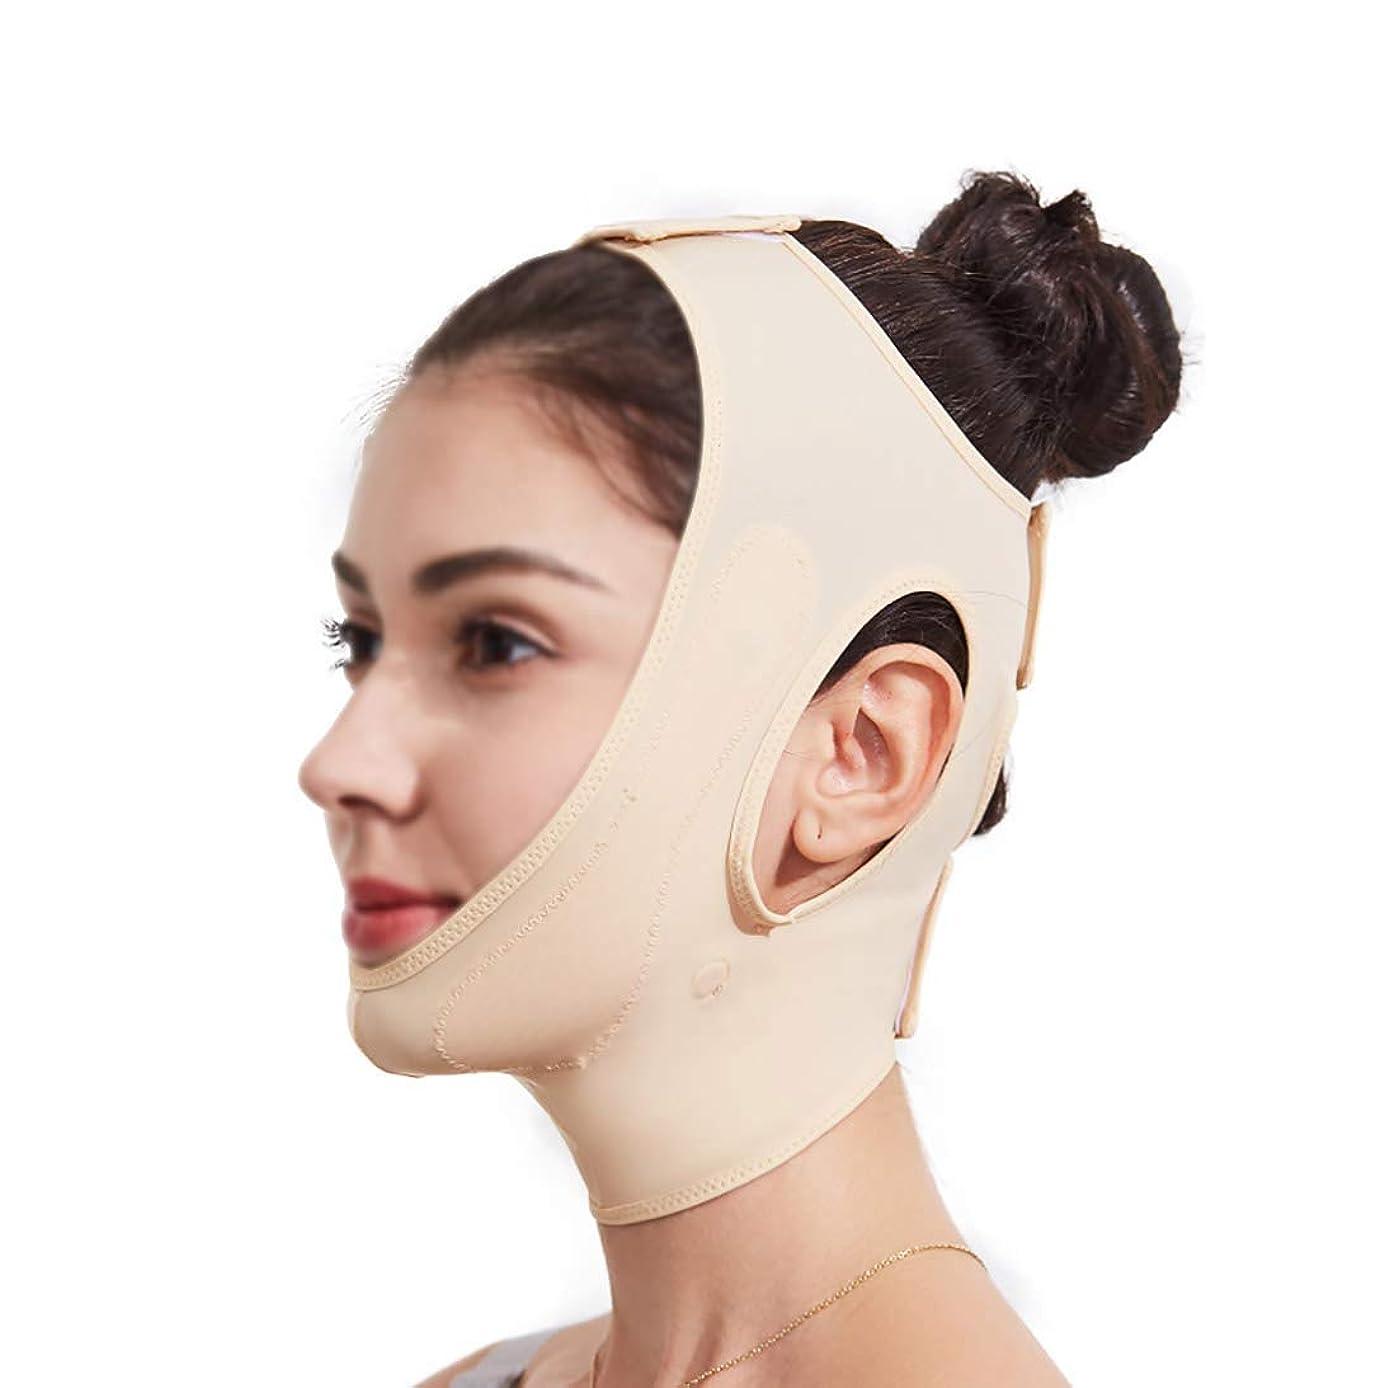 沈黙建設勝者フェイスリフティングマスク、360°オールラウンドリフティングフェイシャルコンター、あごを閉じて肌を引き締め、快適でフェイスライトをサポートし、通気性を保ちます(サイズ:ブラック),肌の色